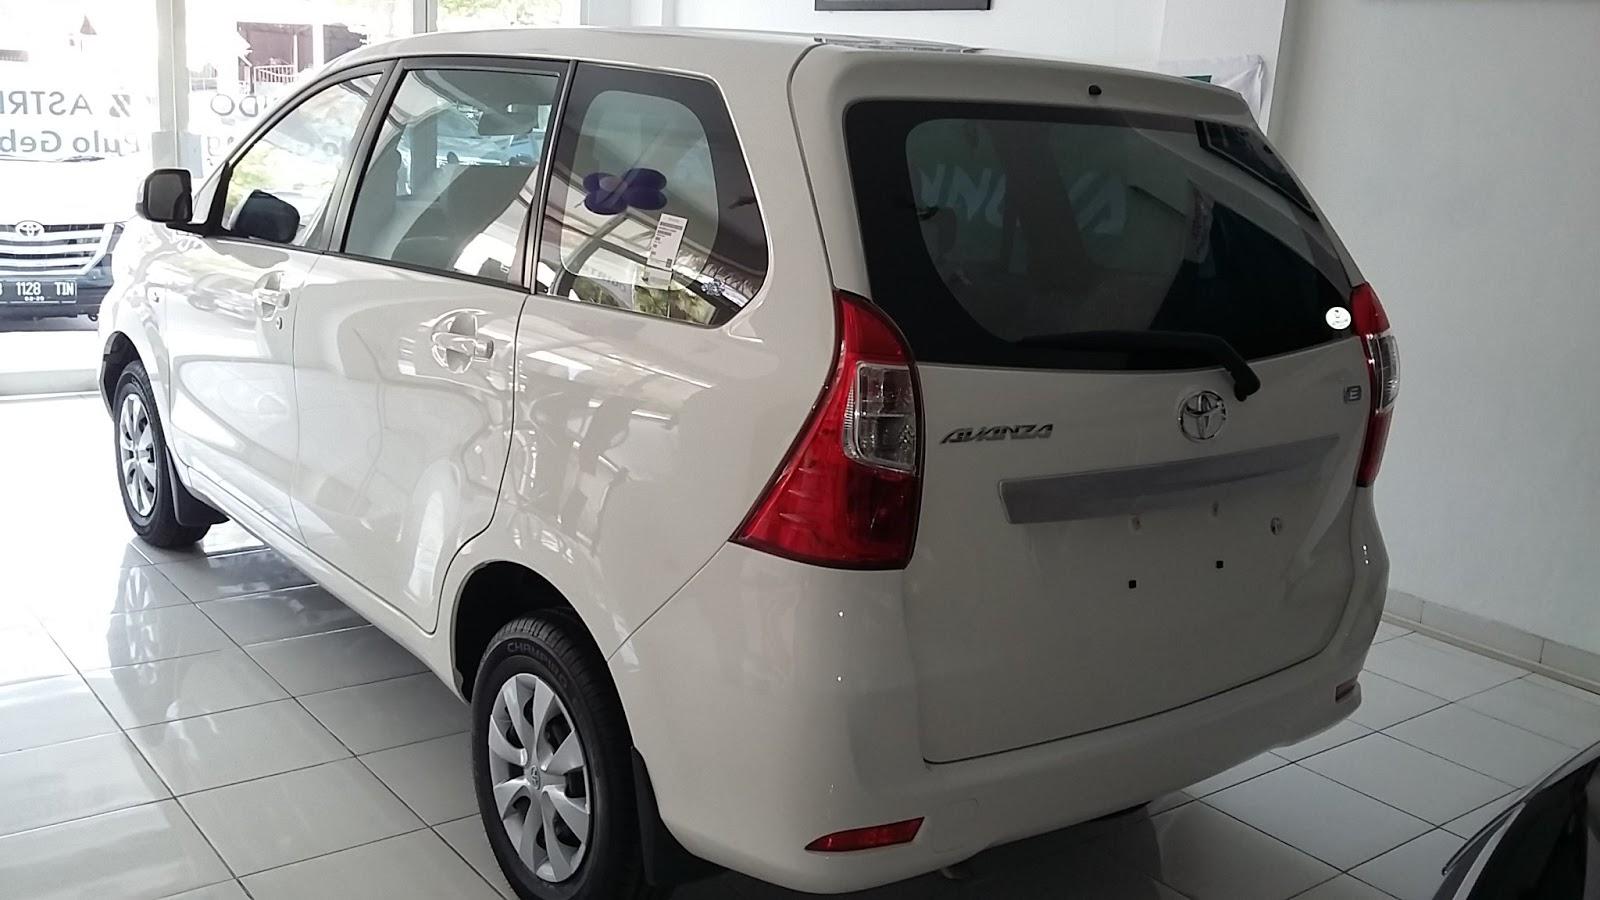 Grand New Avanza 1.3 E Std Review Agya Trd 2018 Promo Kredit Toyota Bogor Tipe 1 3 Mt Dp 11 Jutaan